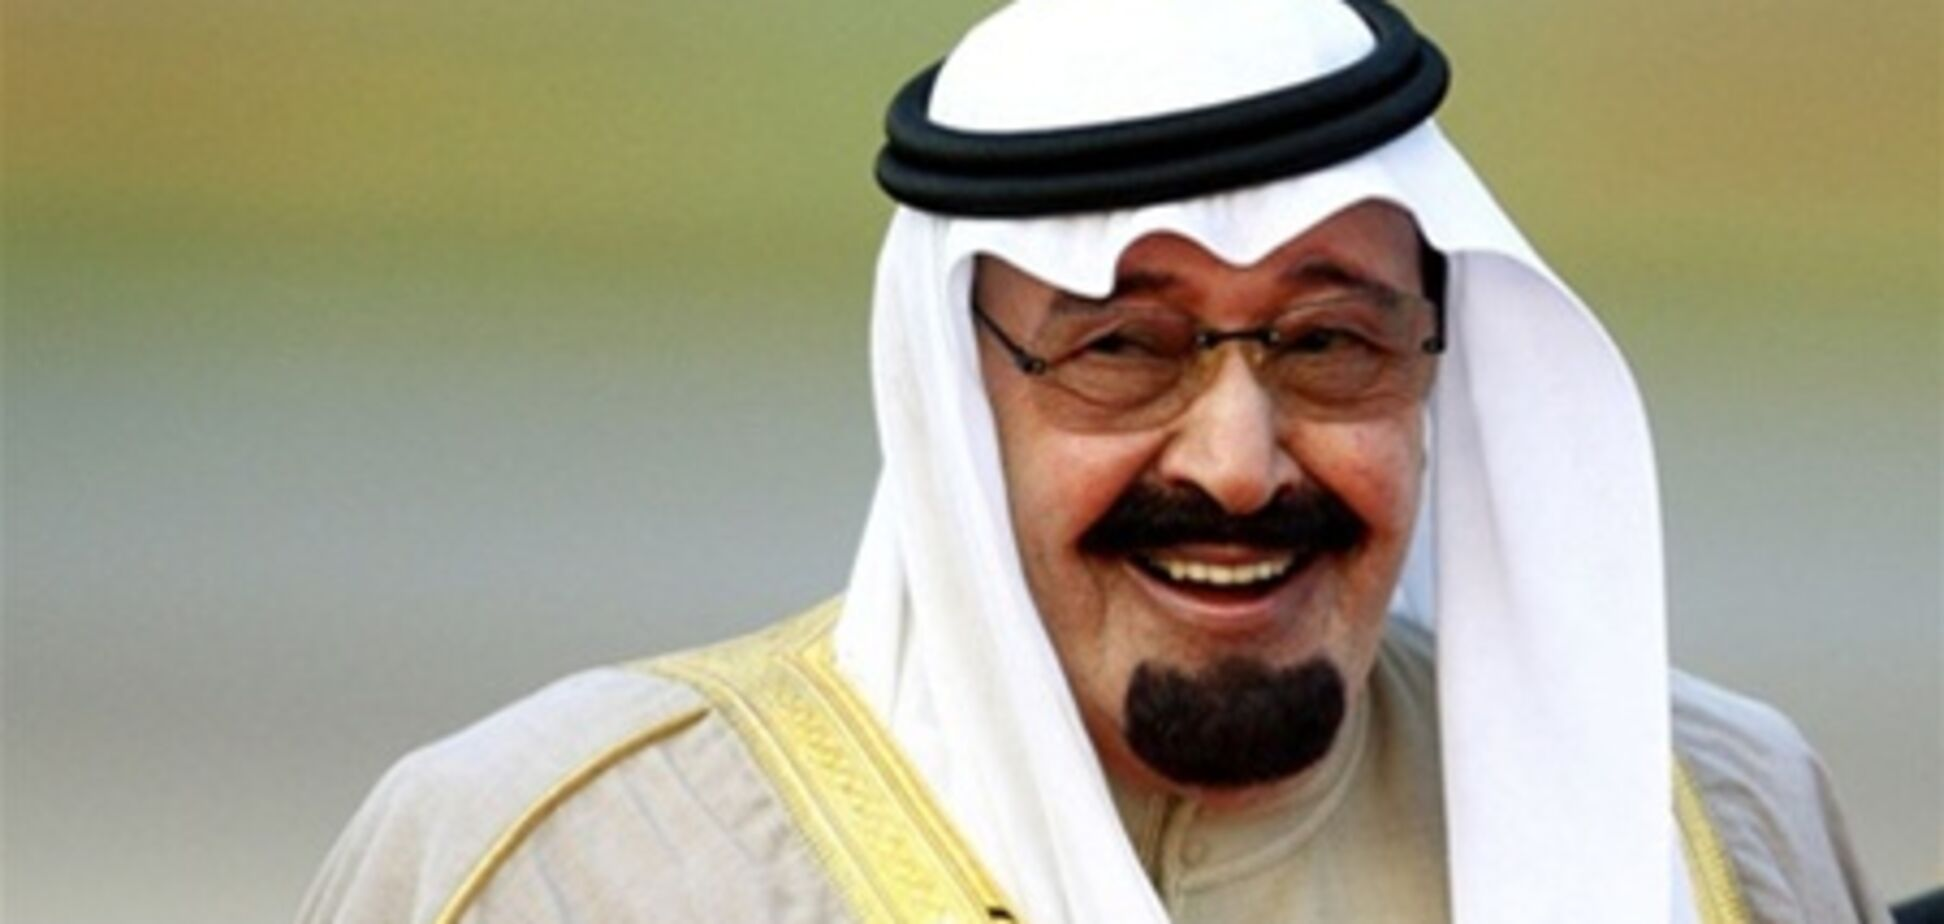 Король Саудівської Аравії дозволив жінкам йти в політику